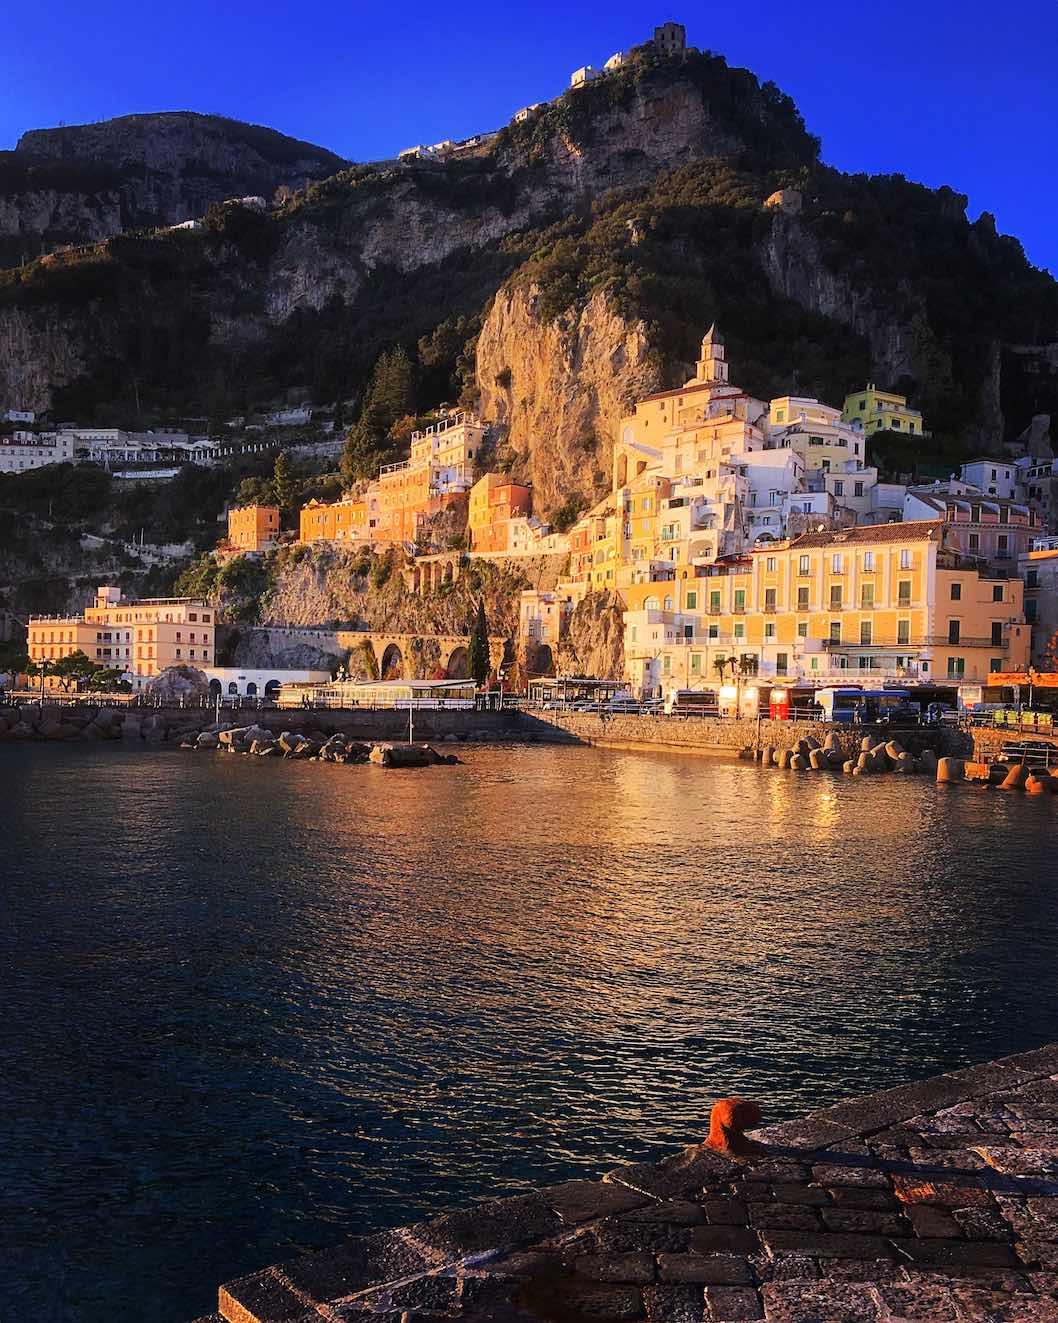 Travel Food People - Steven Tagle - Sicily 2.jpeg